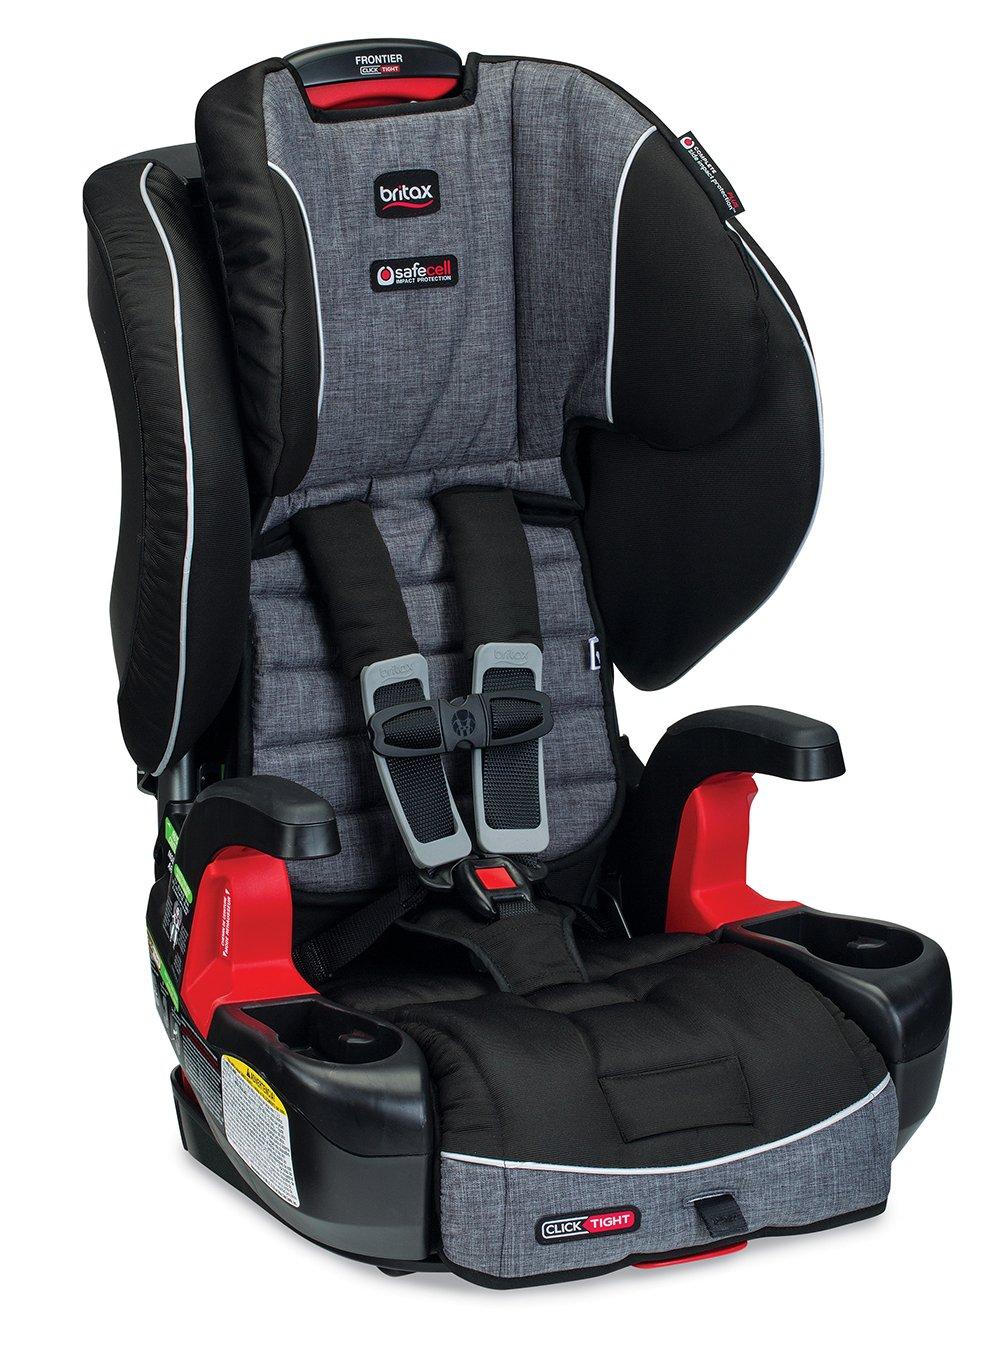 HTB1_gOEPVXXXXXCaXXXq6xXFXXXP cheap bride seat harness, find bride seat harness deals on line at